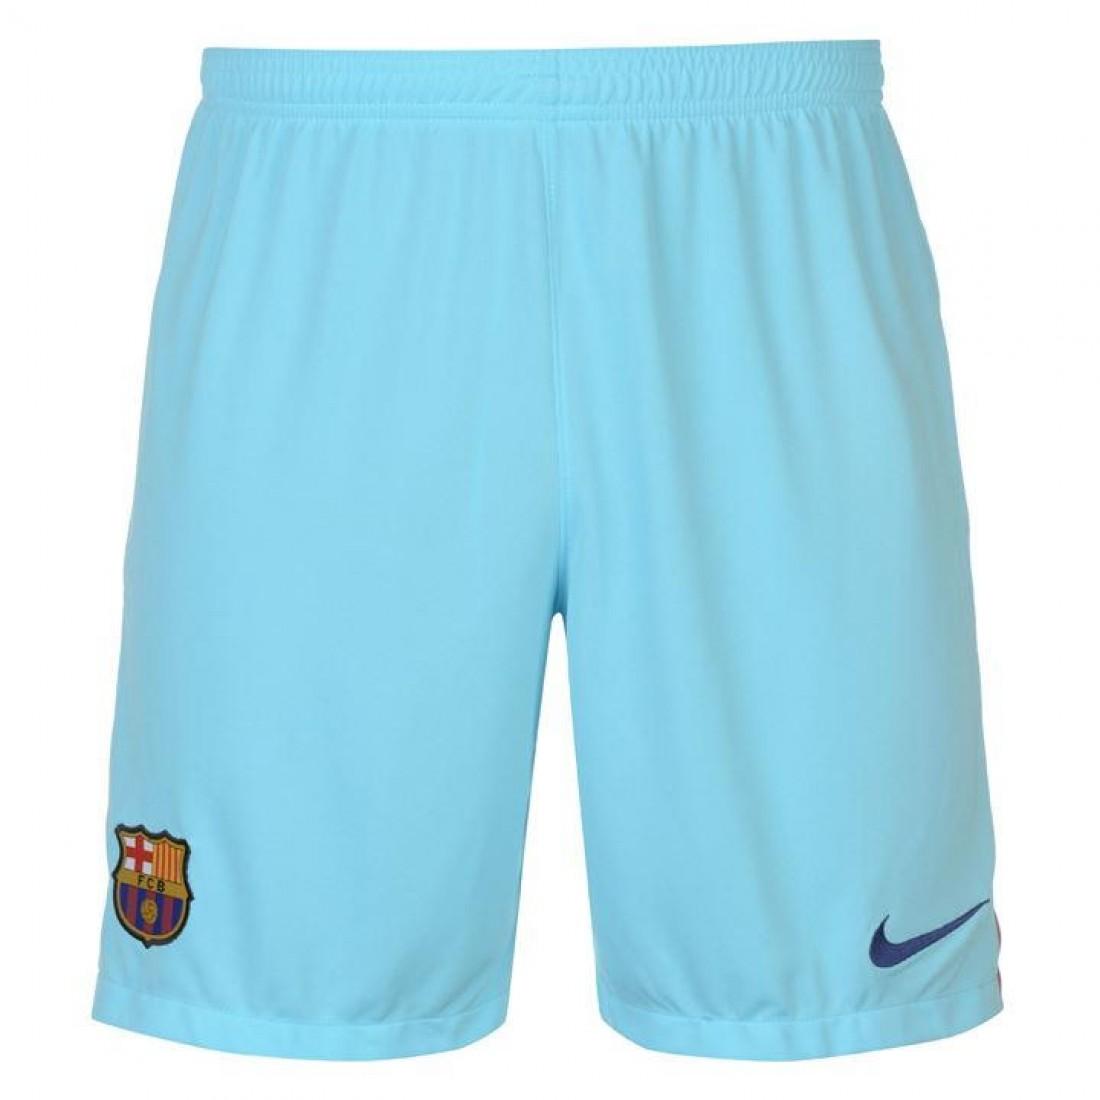 860a689a146 Nike Barcelona мъжки футболни шорти Барселона Найк Away Shorts 2017 2018  нов сезон гостуващи оригинални